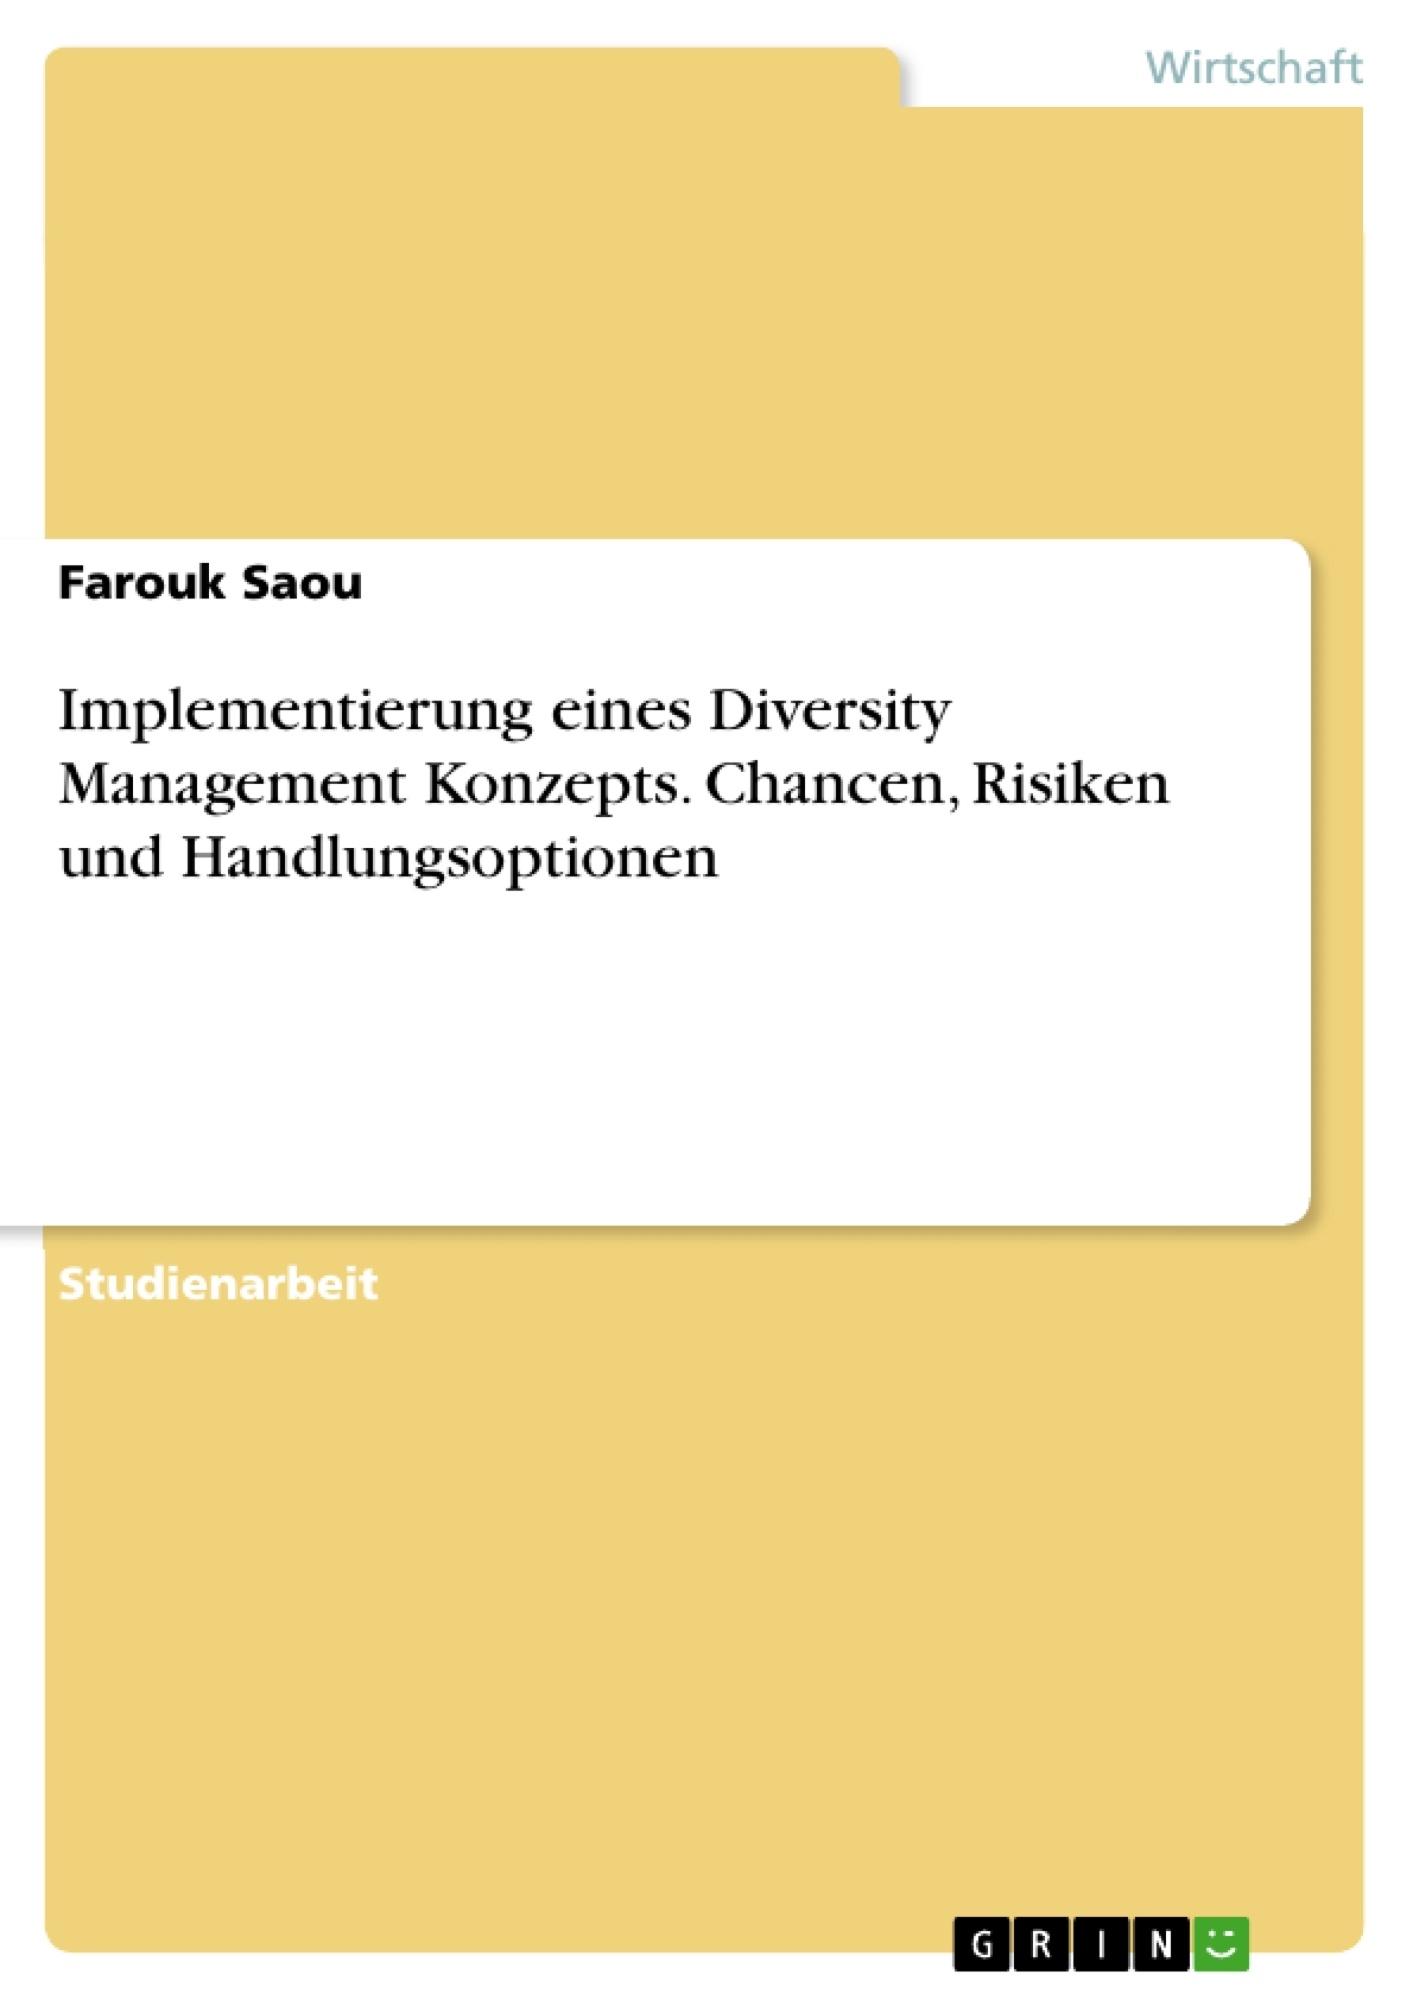 Titel: Implementierung eines Diversity Management Konzepts. Chancen, Risiken und Handlungsoptionen